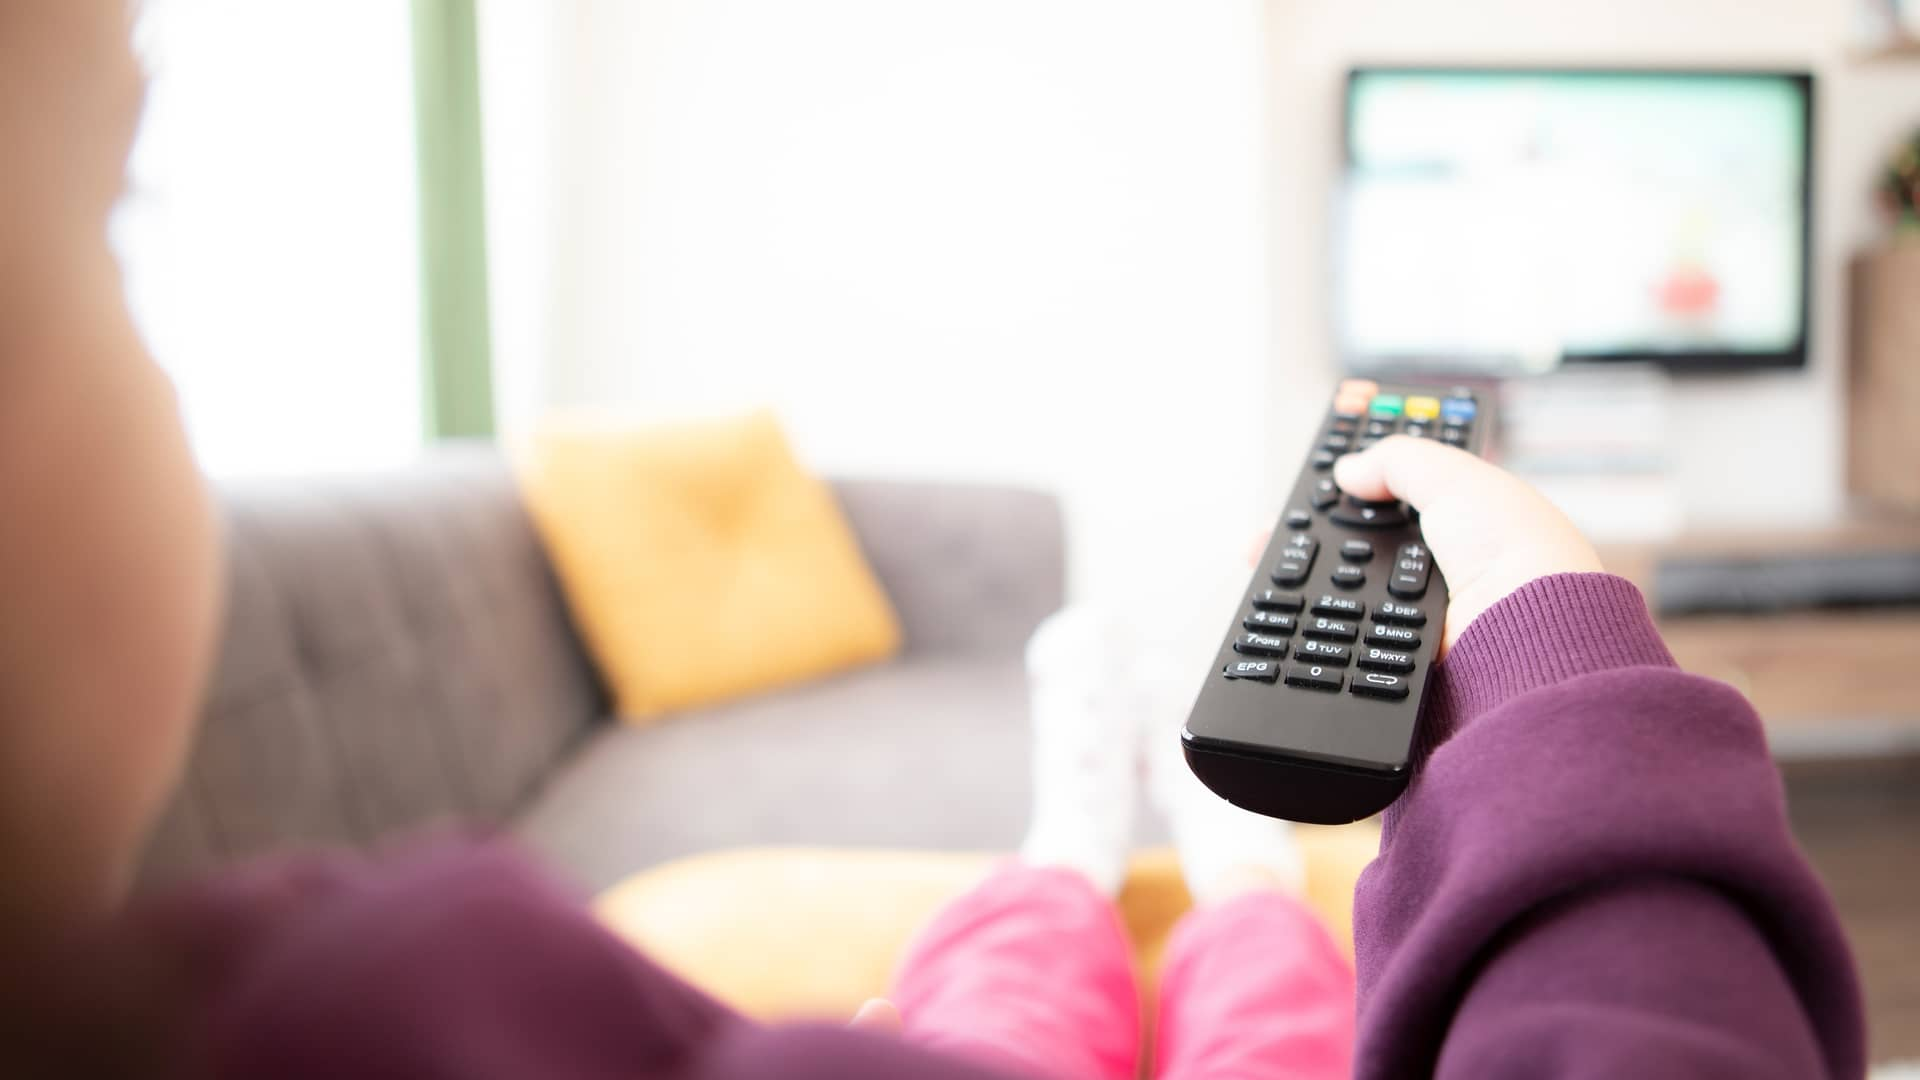 ¿Quieres contratar solo TV en Telecable?